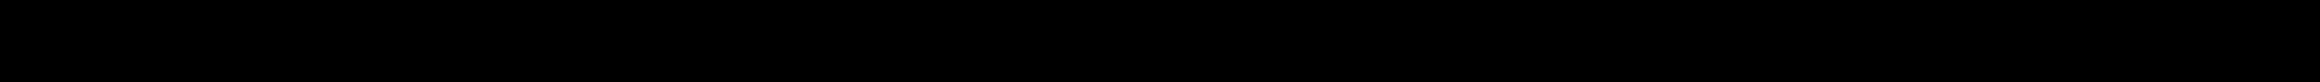 DENSO NDIXU24, NDIXU24A, I09, J4520IXU24, MS851328 Zündkerze